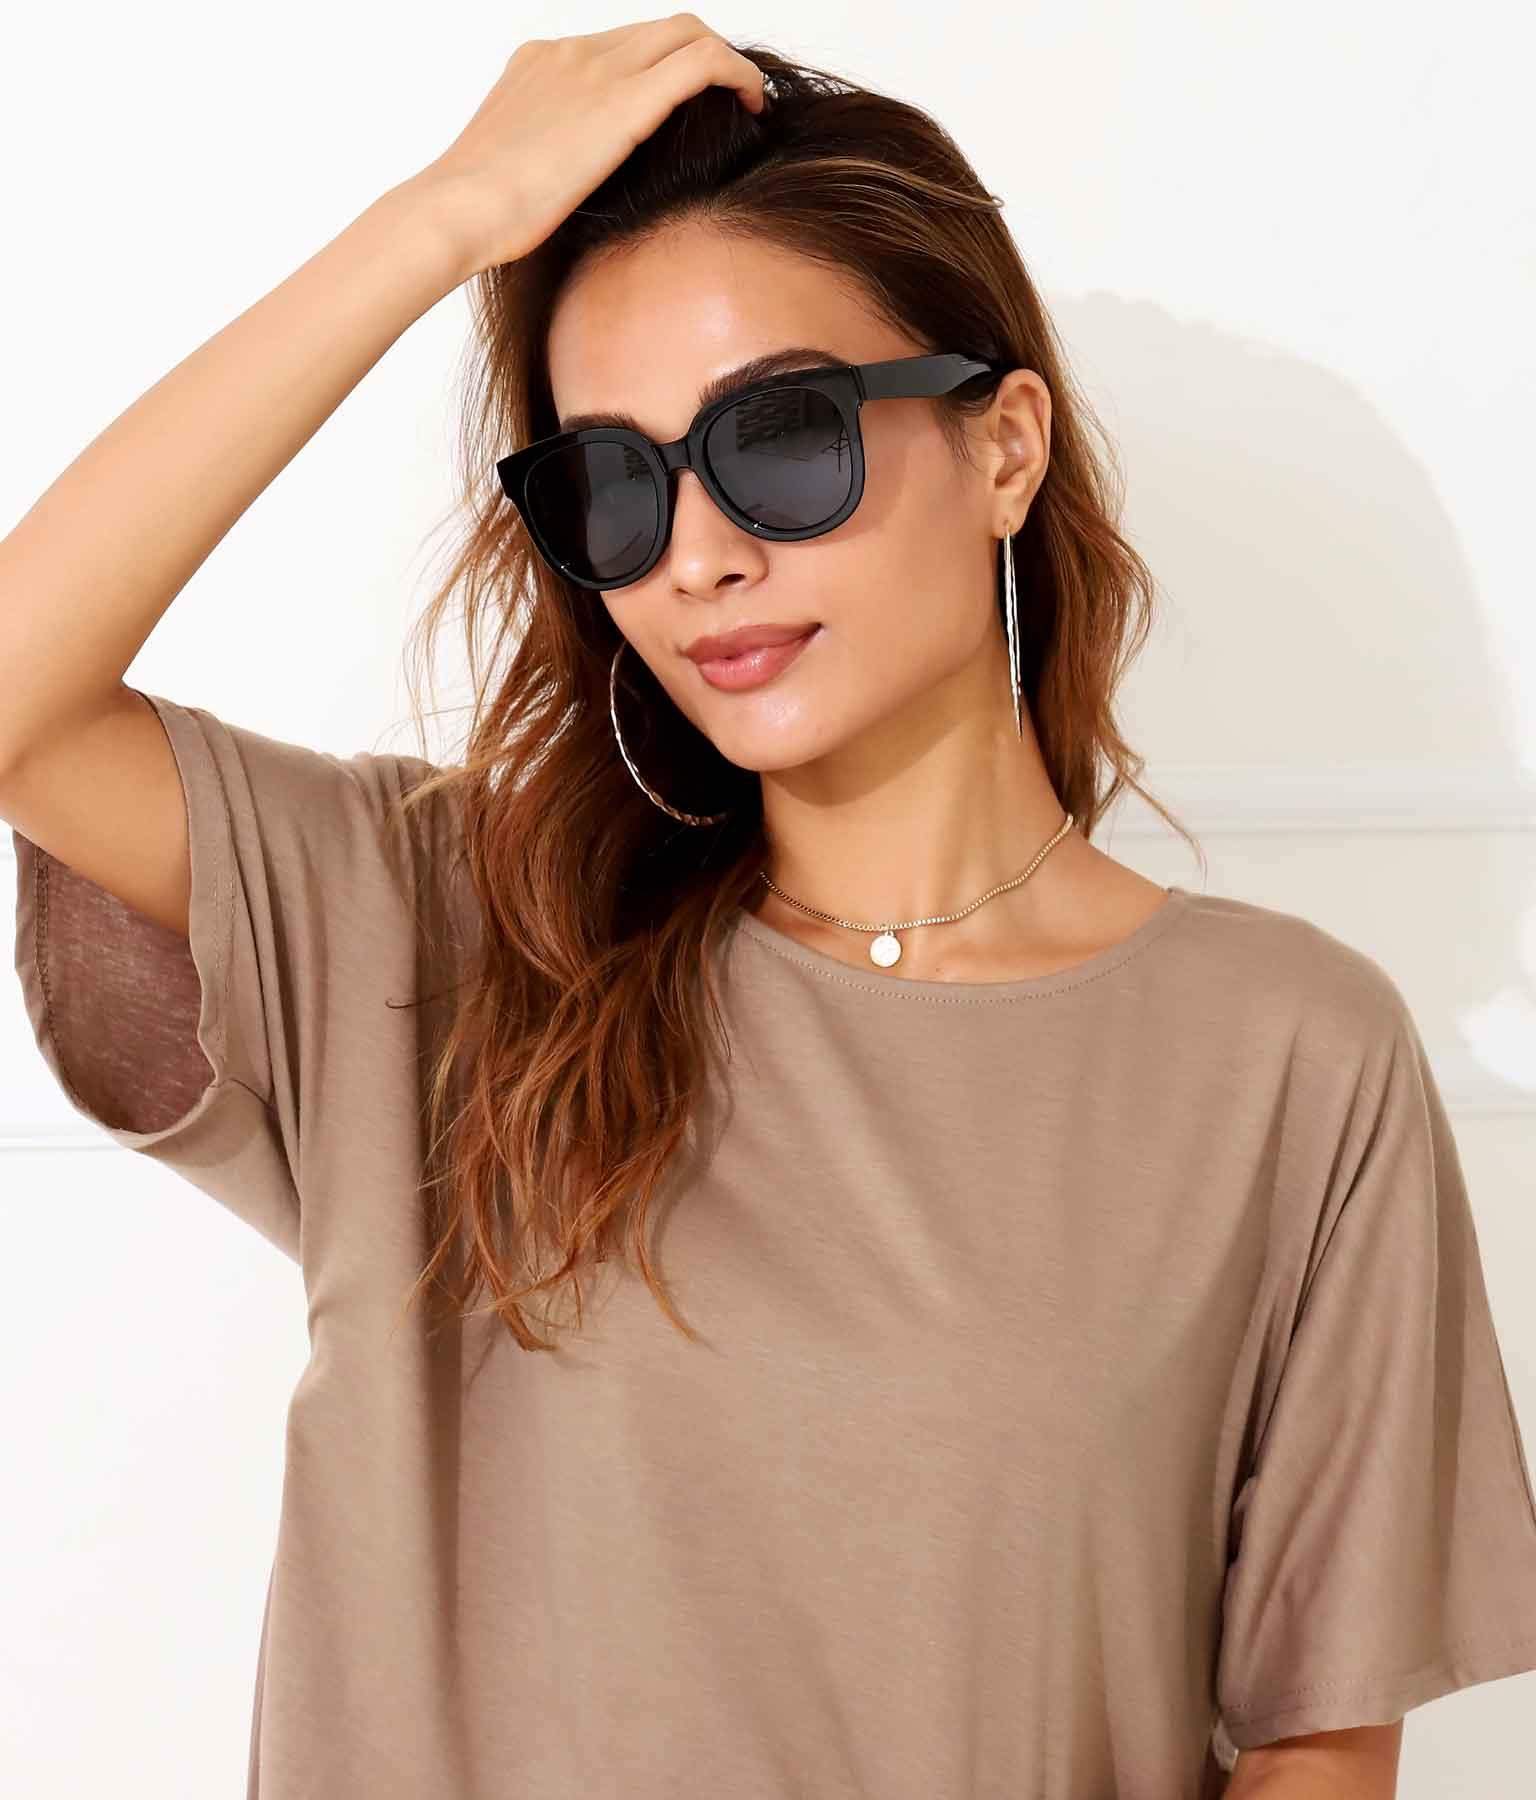 シアーブラックウェリントンサングラス(ファッション雑貨/サングラス) | anap Latina